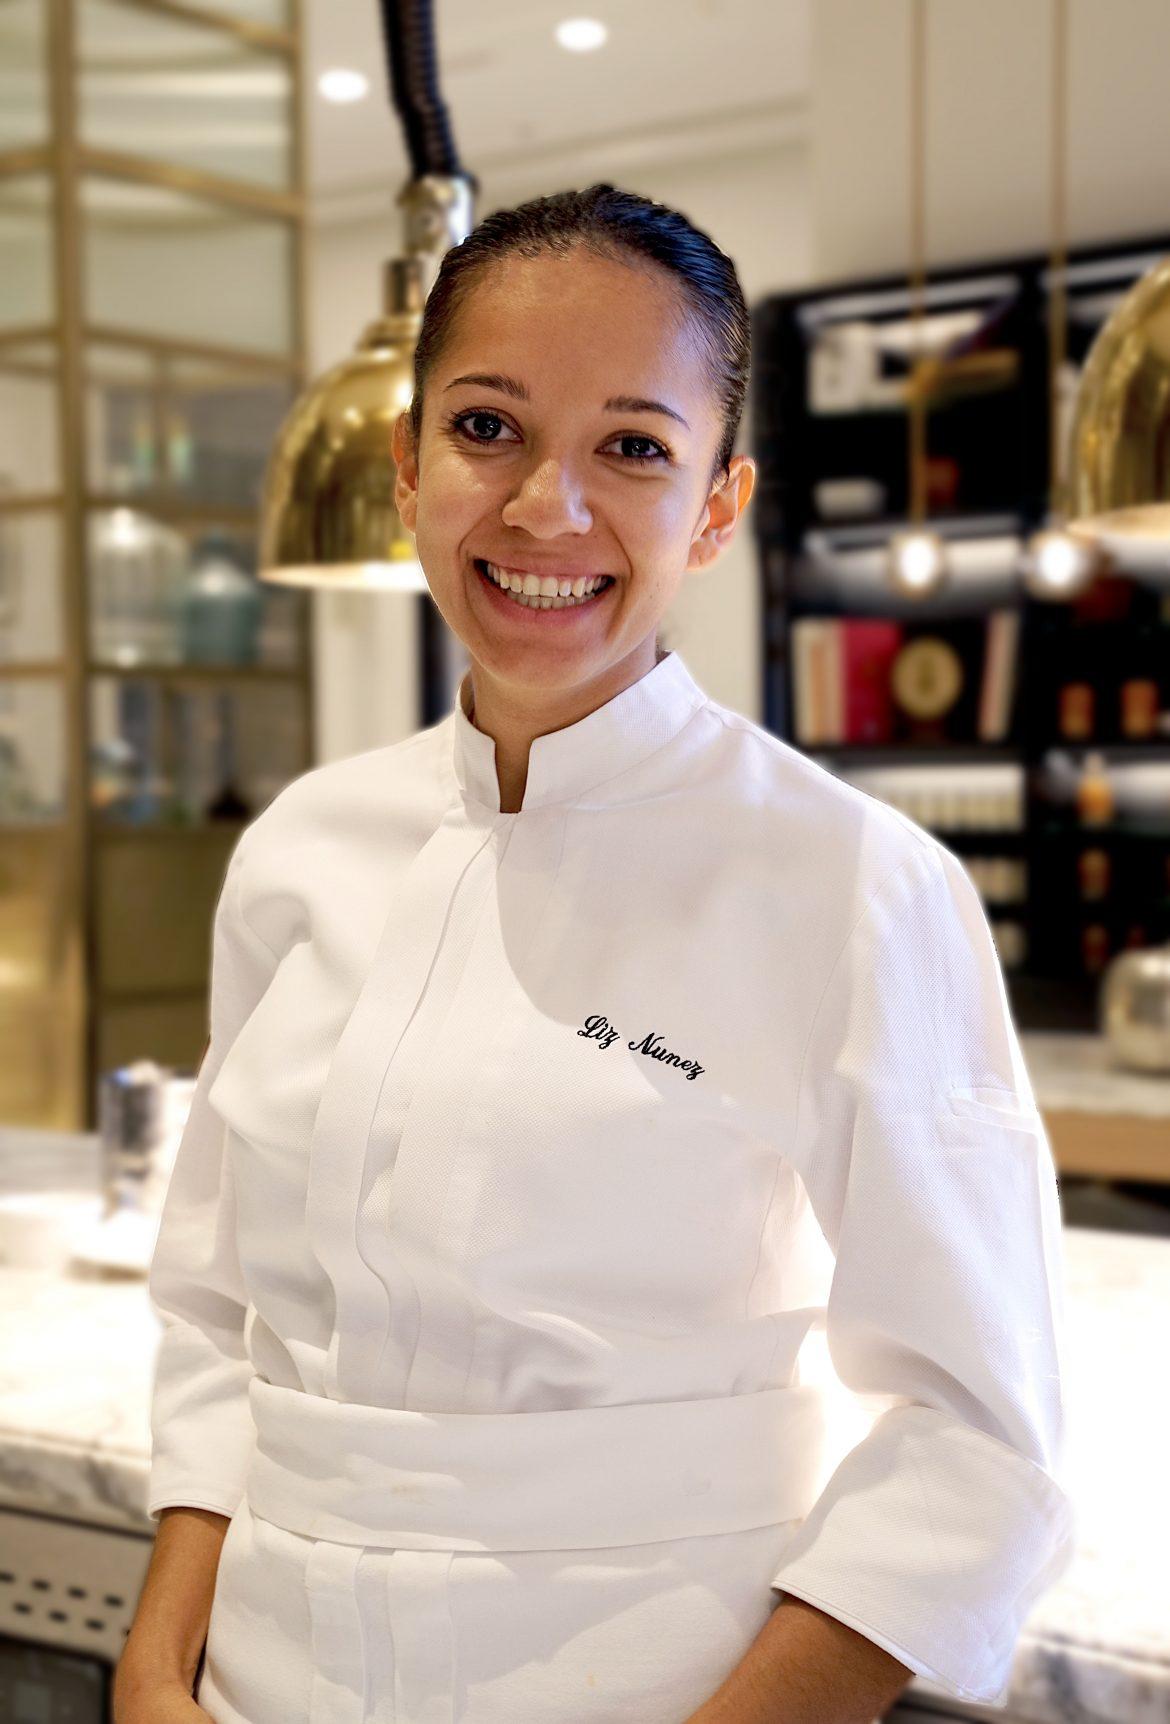 فندق بارك حياة دبي يقدم باقة عروض استثنائية خلال هذا الشهر